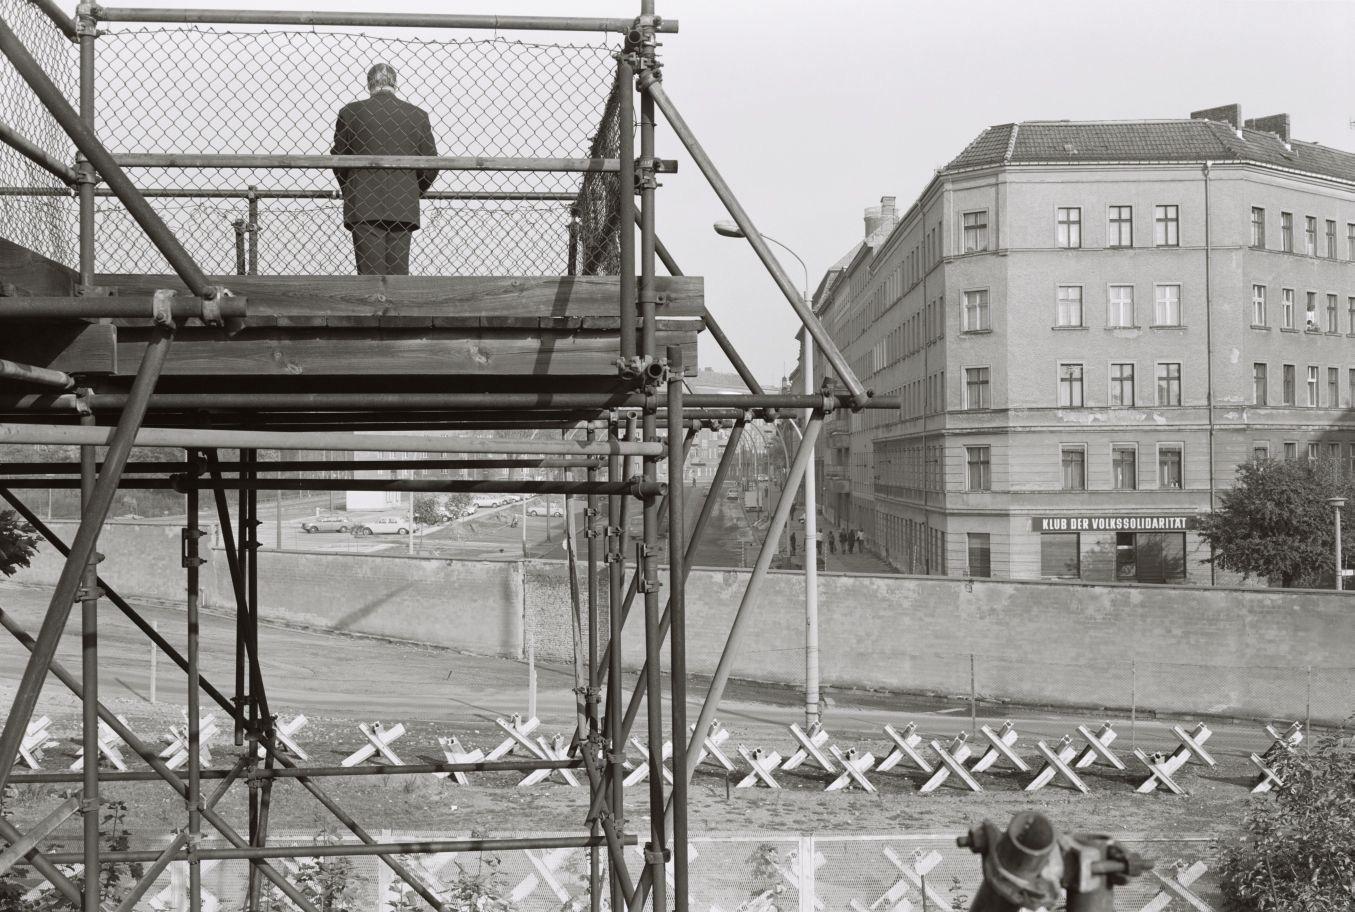 1_13063_c_Stiftung Berliner Mauer